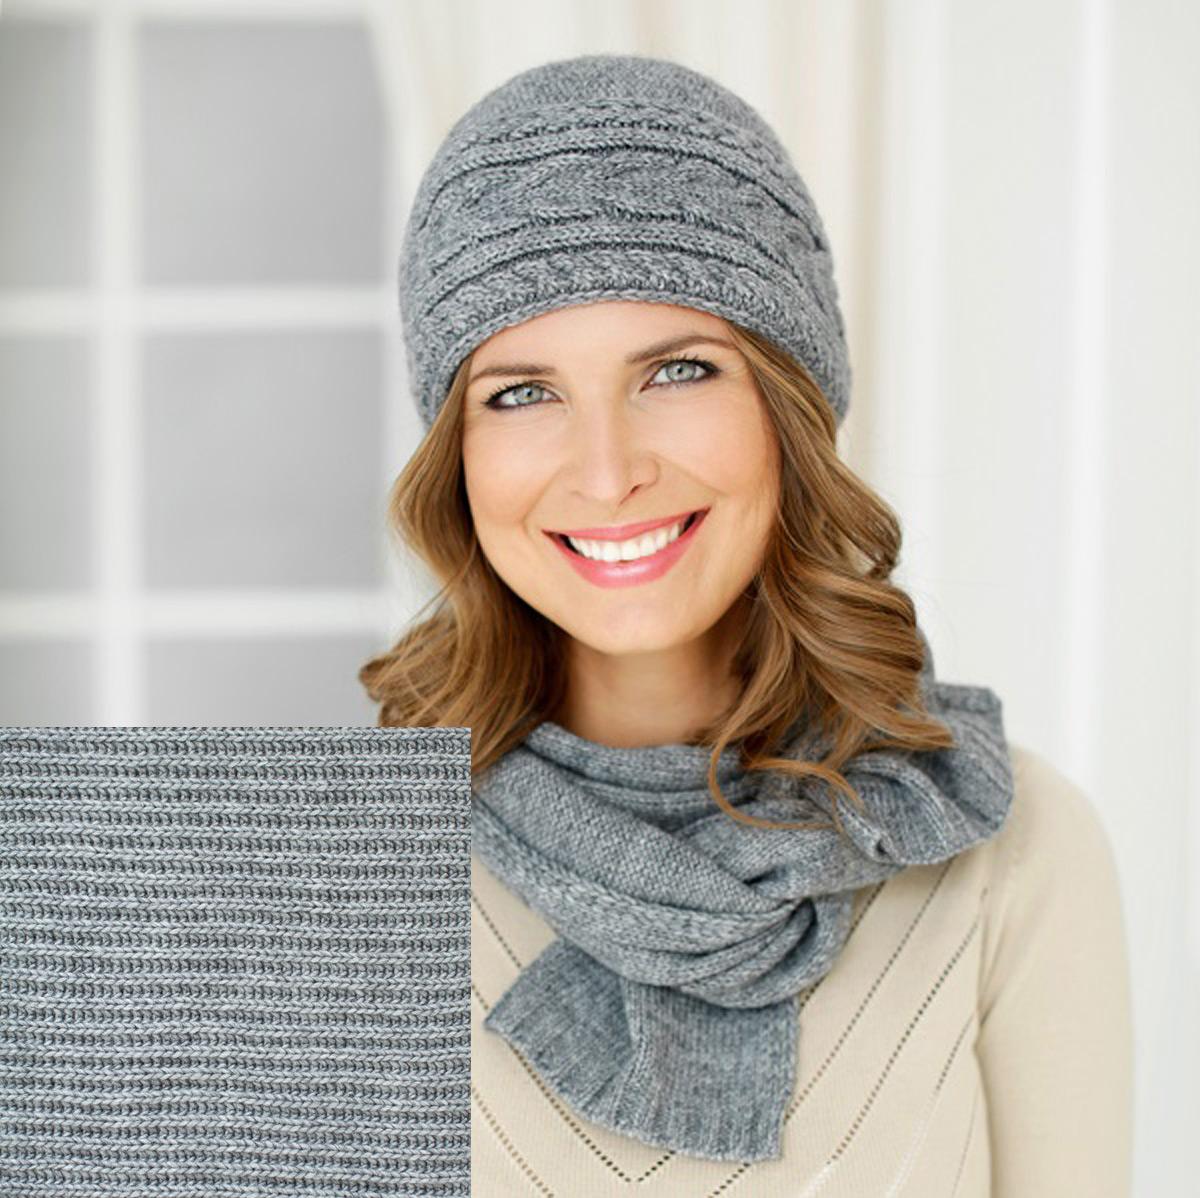 Шарф7122S-22 GMВосхитительный женский вязаный шарф - отличная модель для холодной погоды. Сочетание различных материалов обеспечивает сохранение тепла и удобную посадку. Шарф выполнен оригинальной вязкой. Такой аксессуар достойно дополнит ваш гардероб.